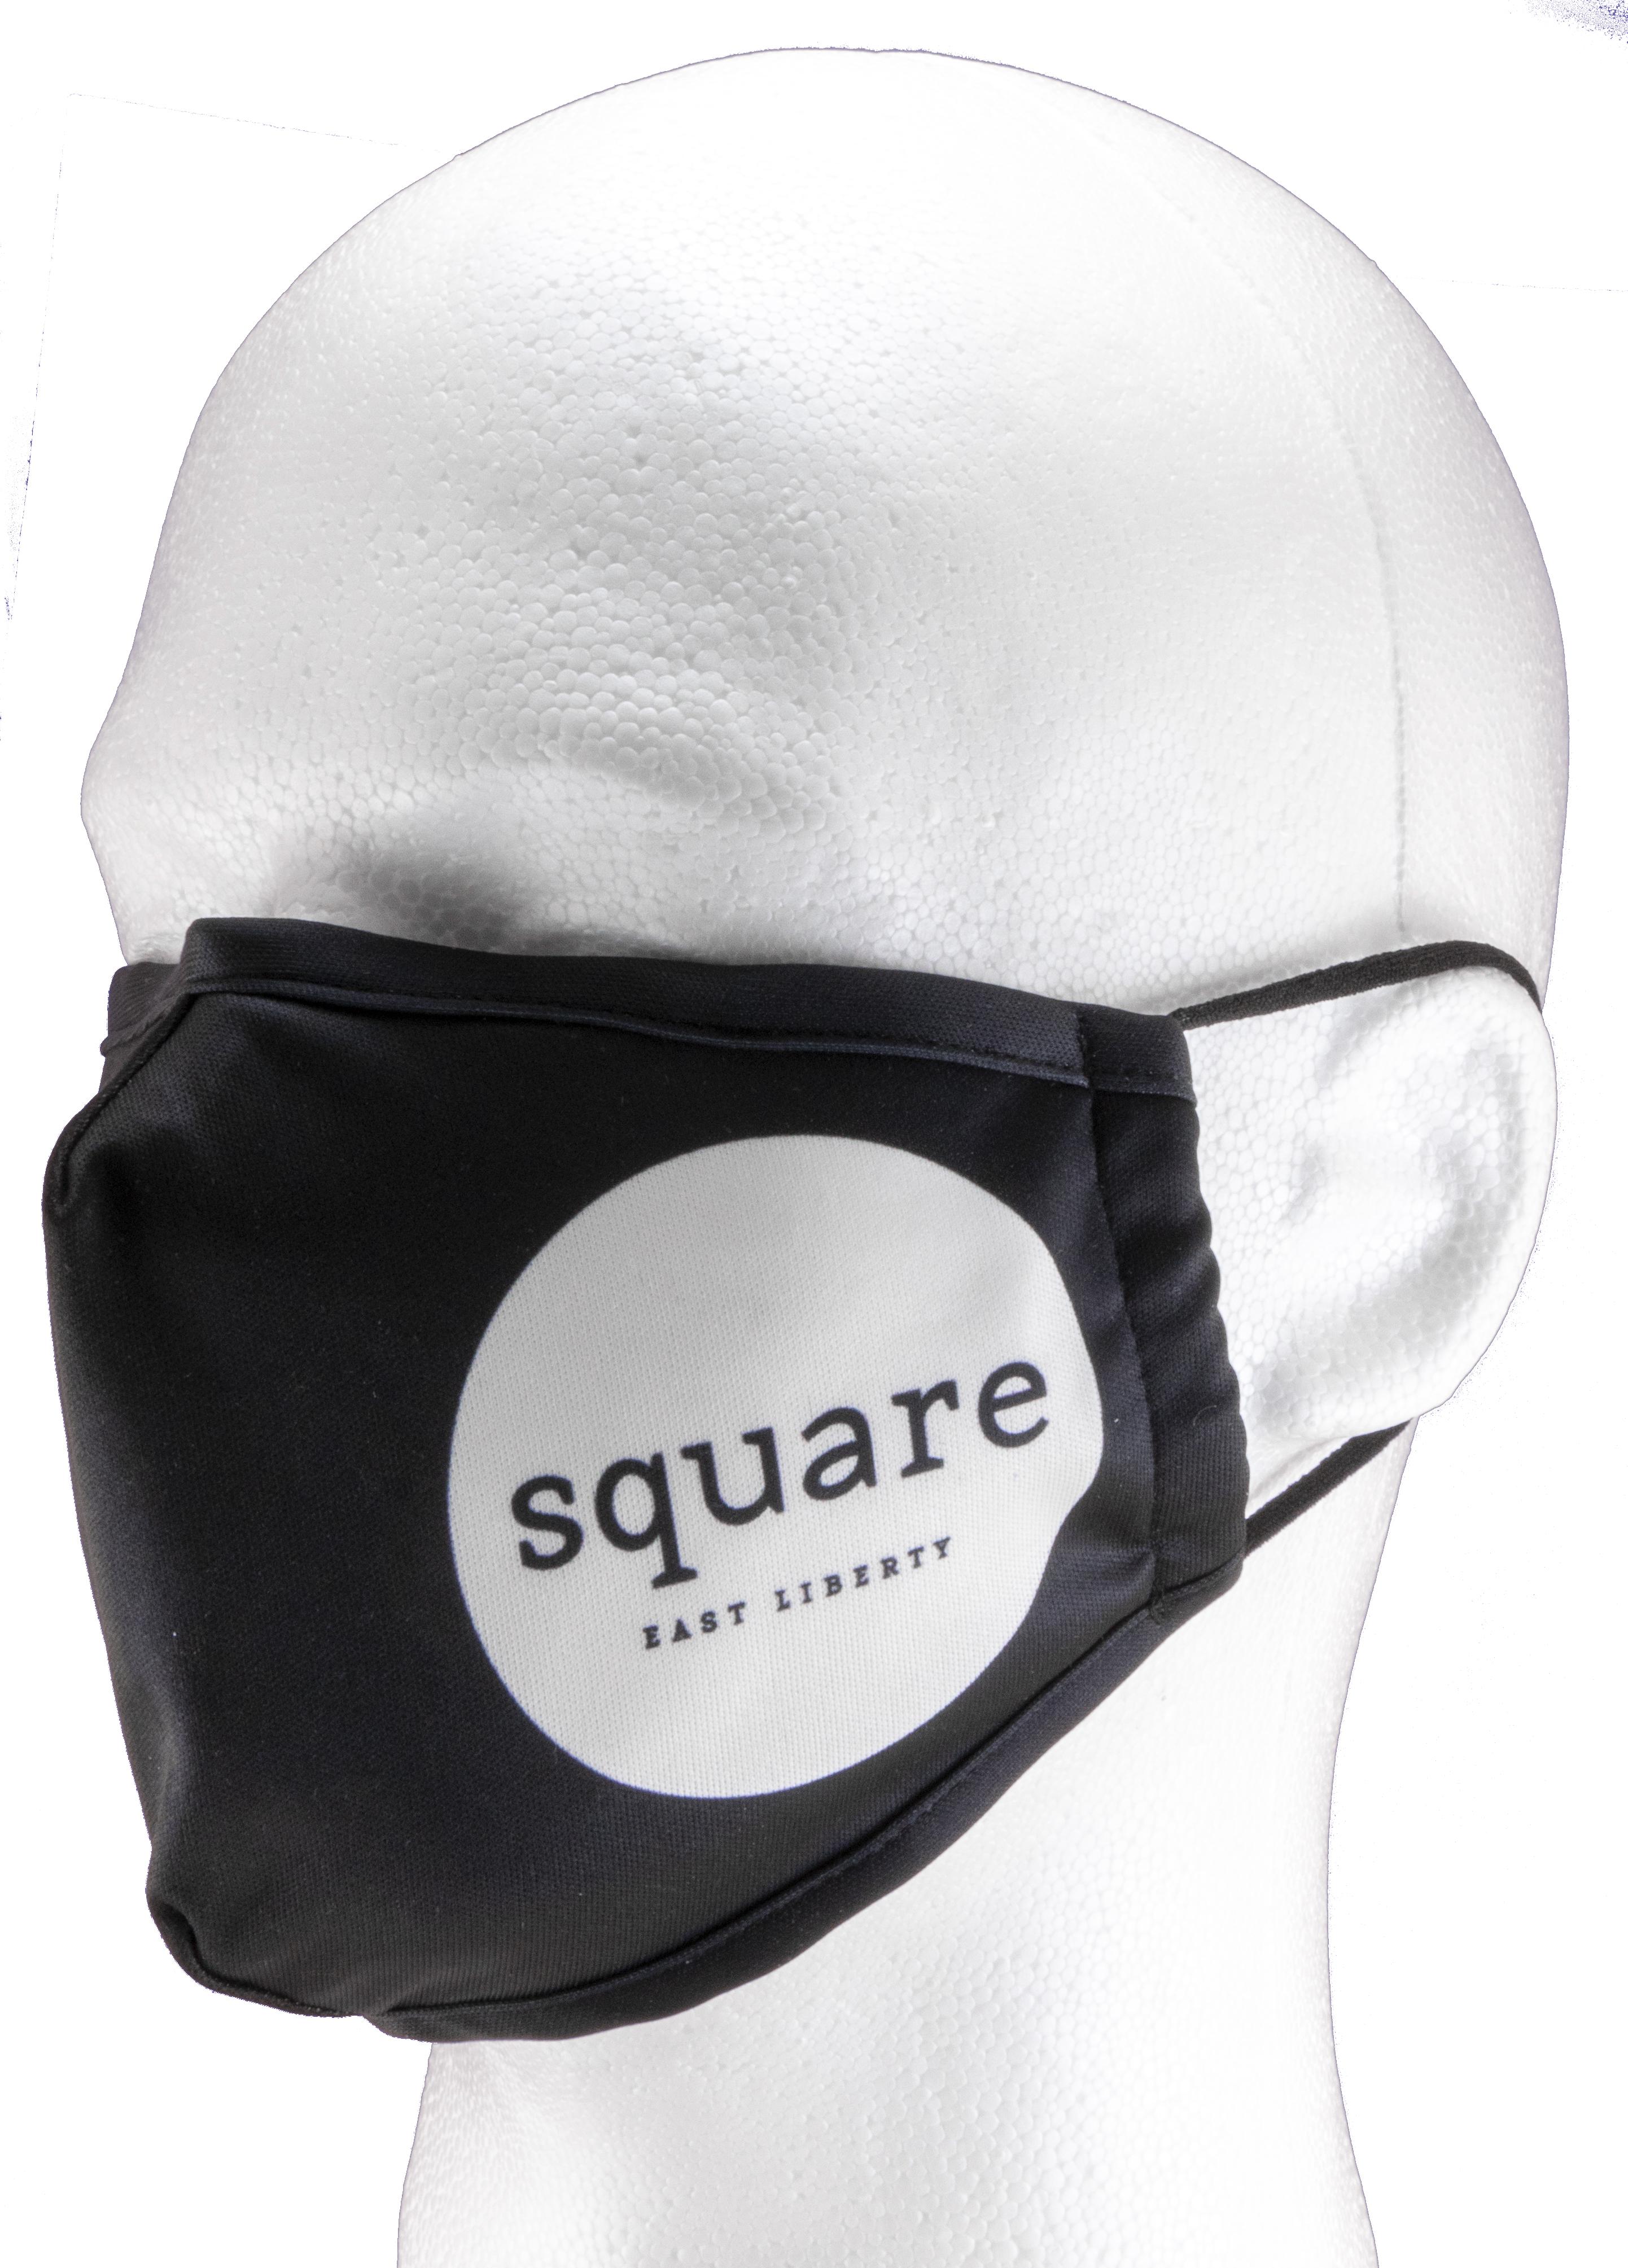 square_5